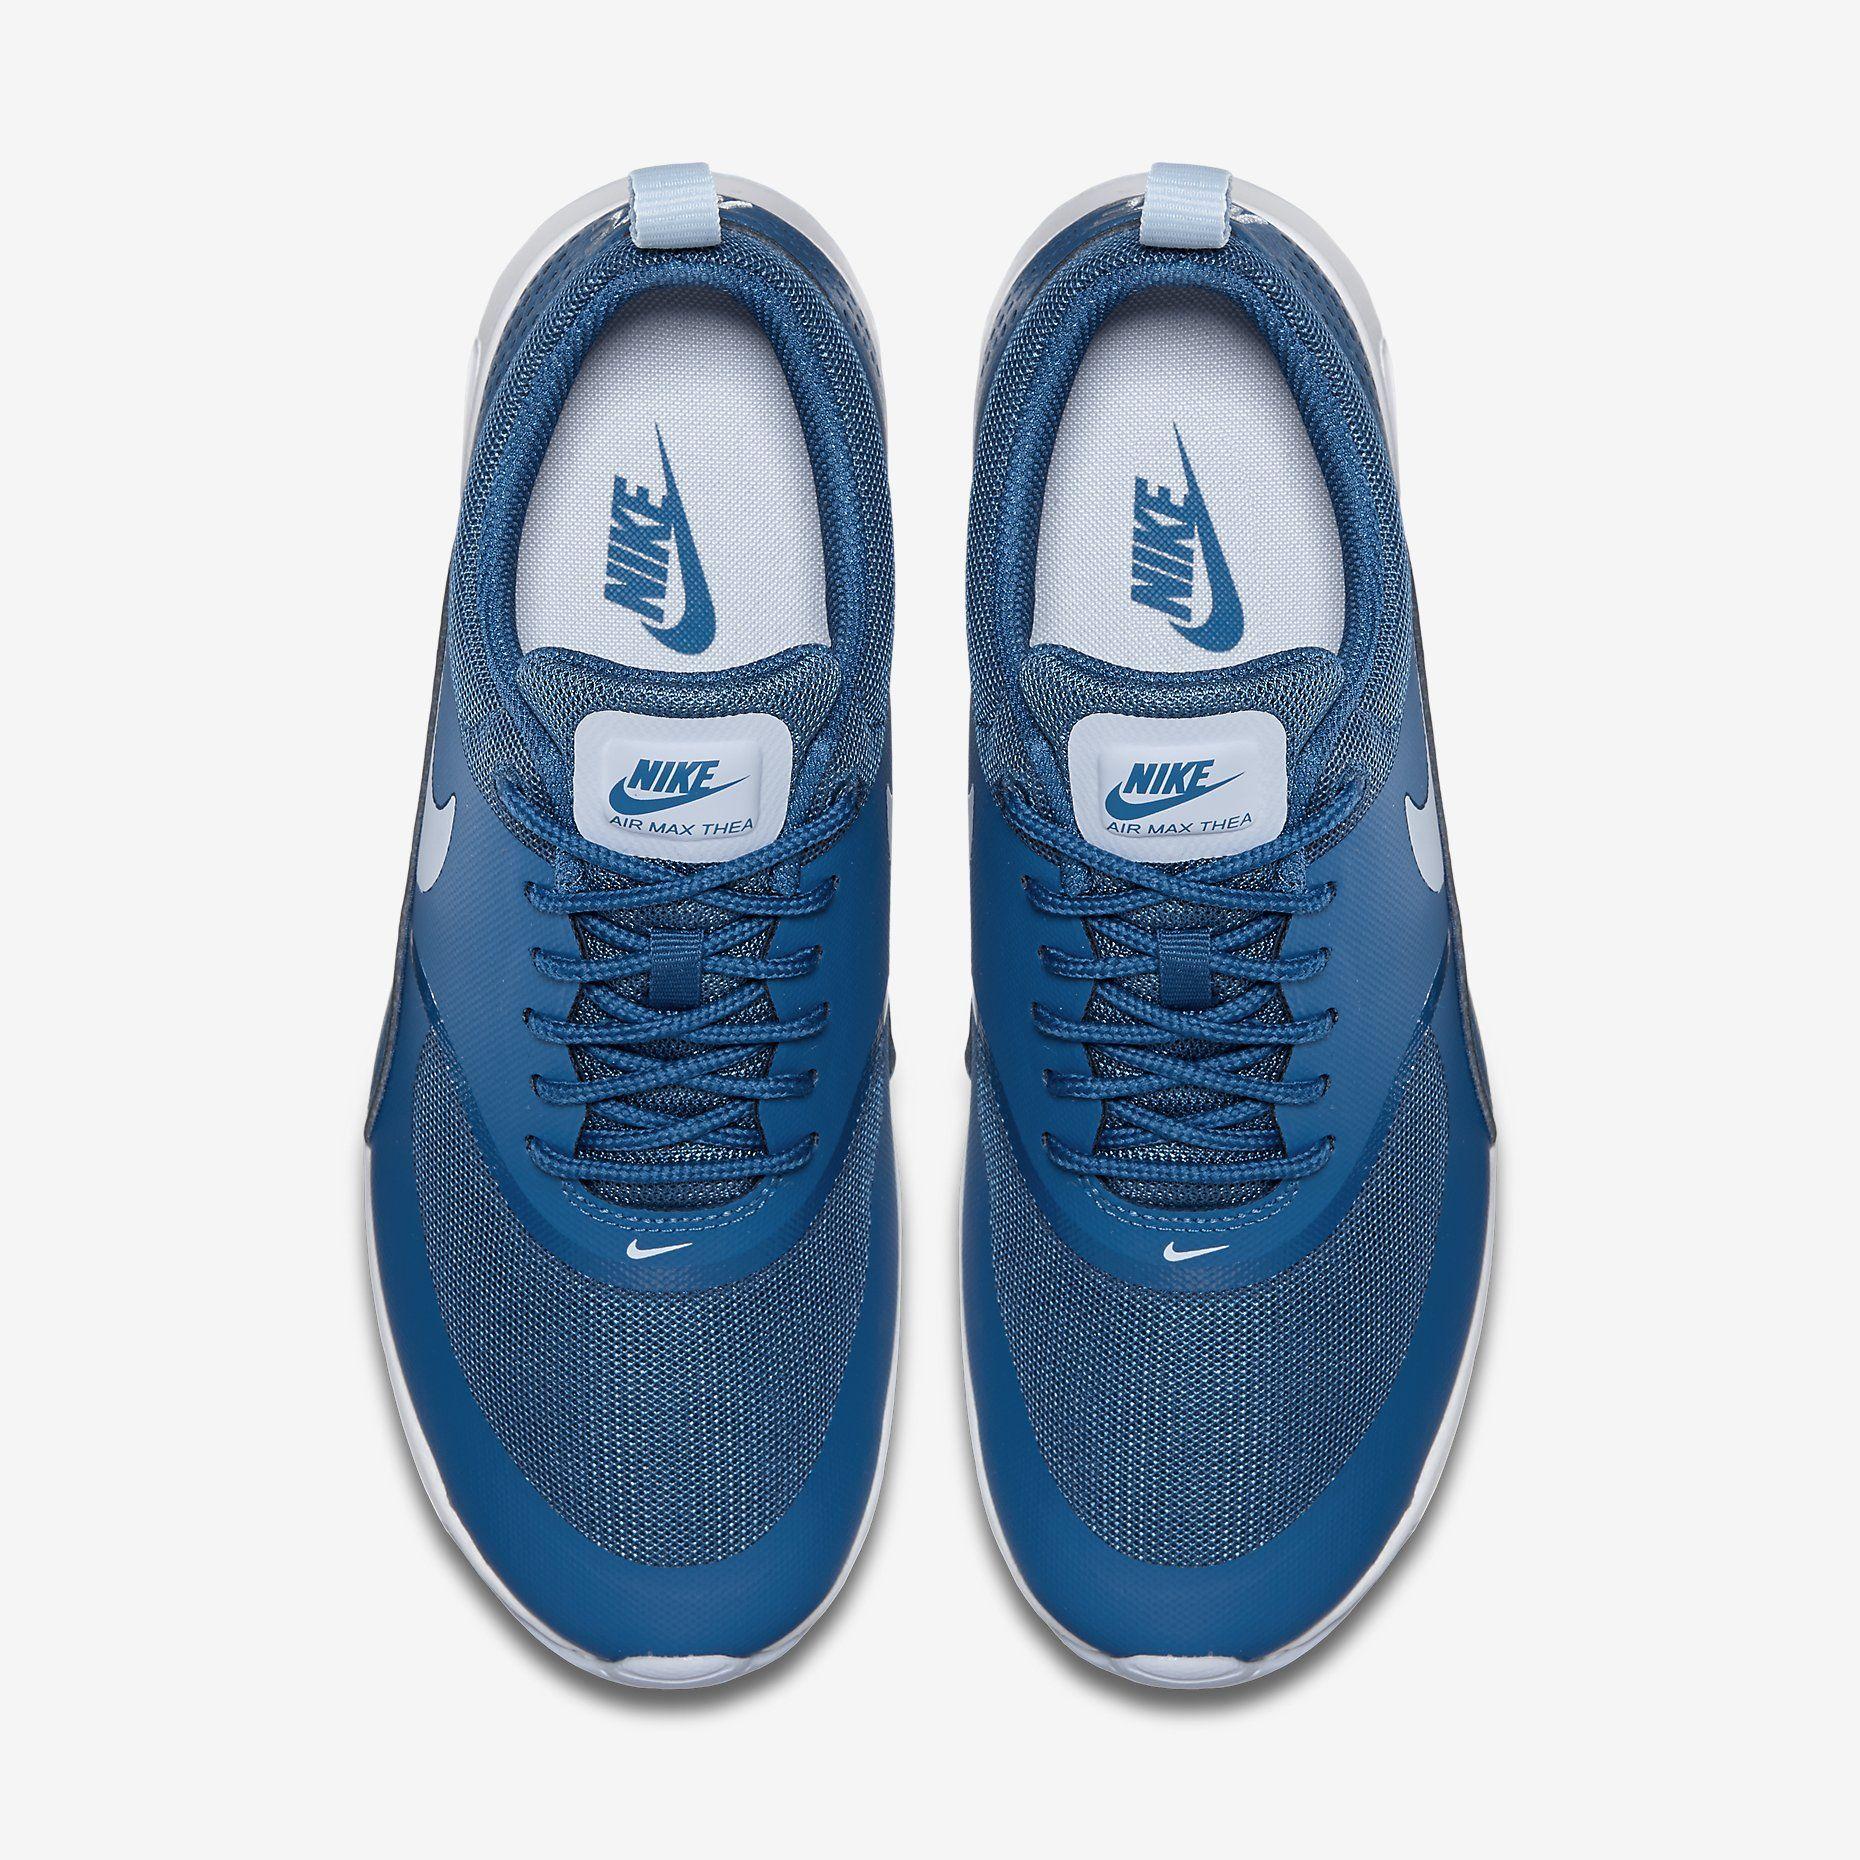 Kup Buty Odziez I Sprzet Firmy Nike Na Stronie Www Nike Com